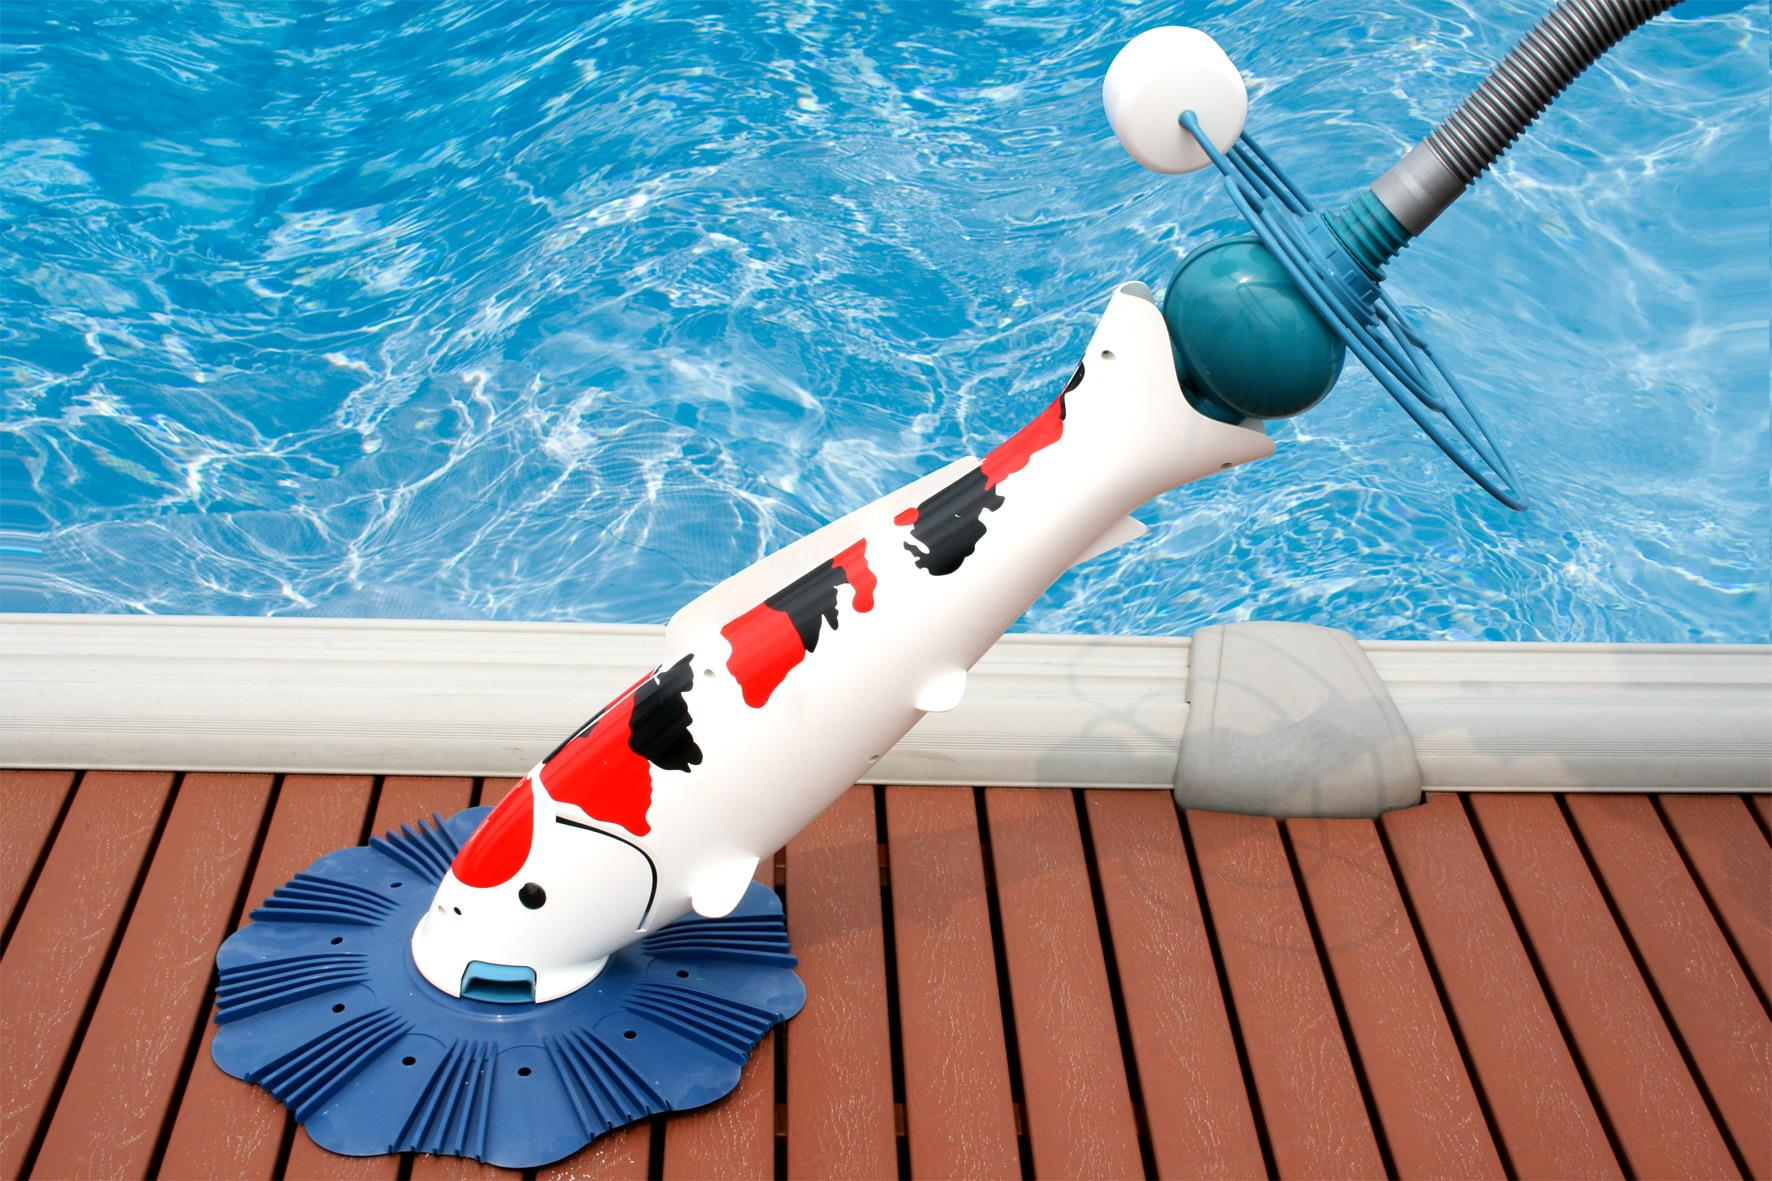 Hiện đại với thiết bị robot vệ sinh hồ bơi